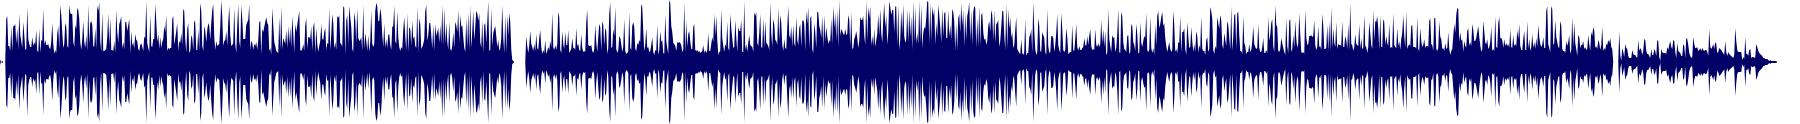 waveform of track #41032